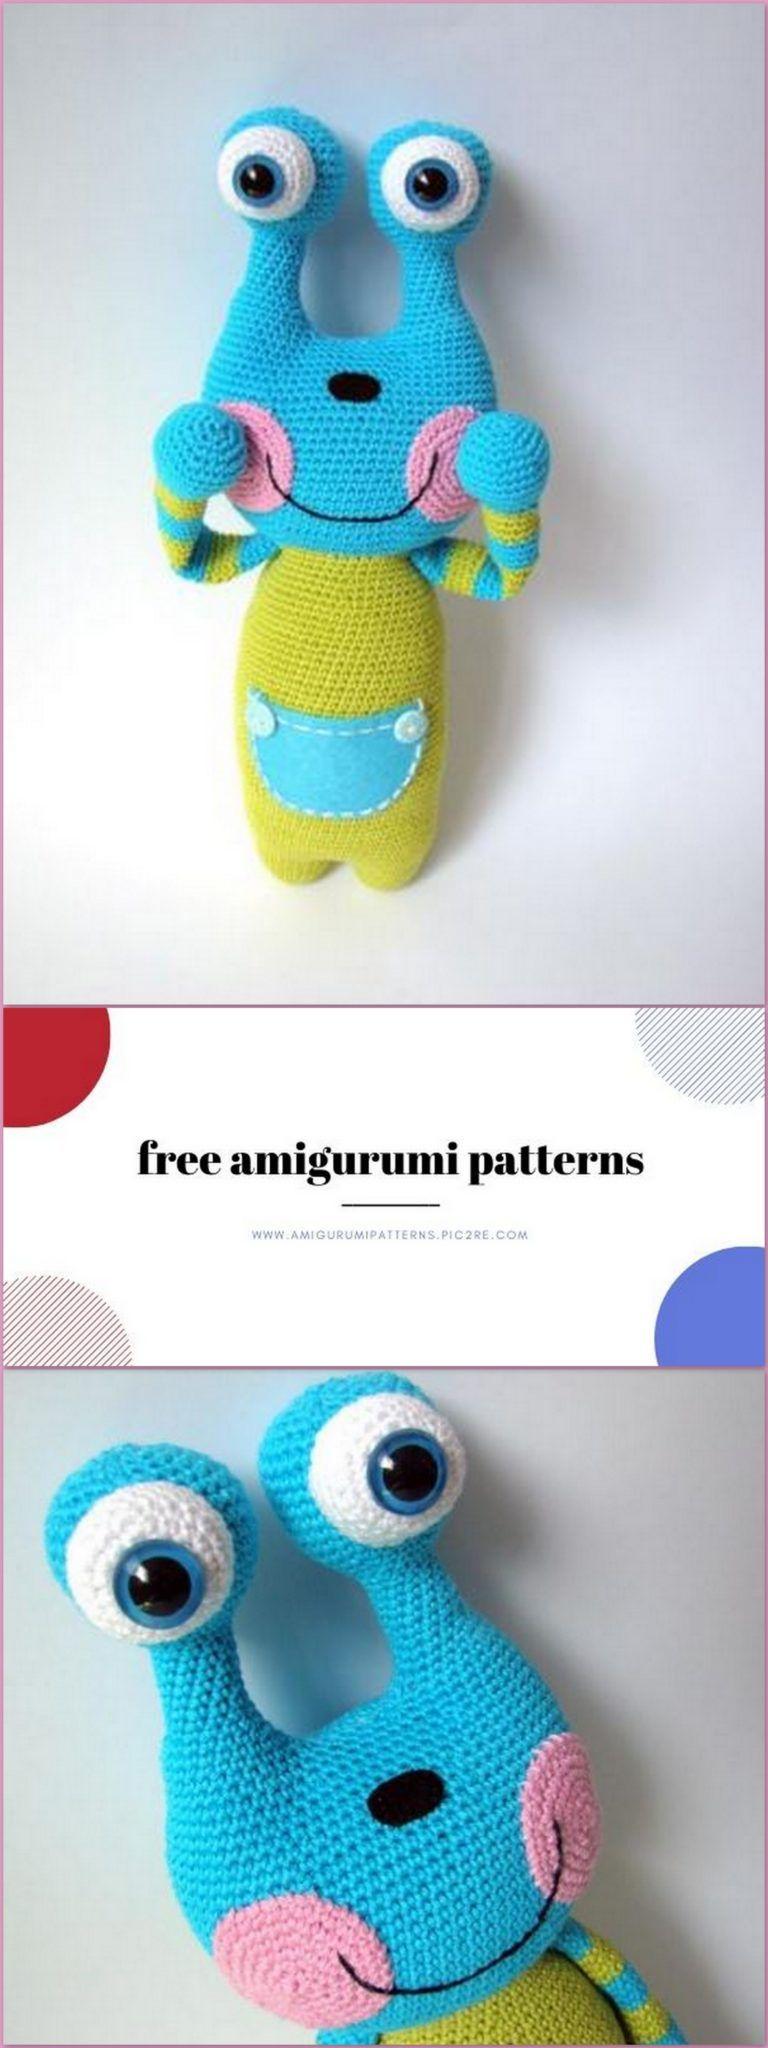 UFO Free Crochet Amigurumi Pattern ⋆ Crochet Kingdom | 2048x768